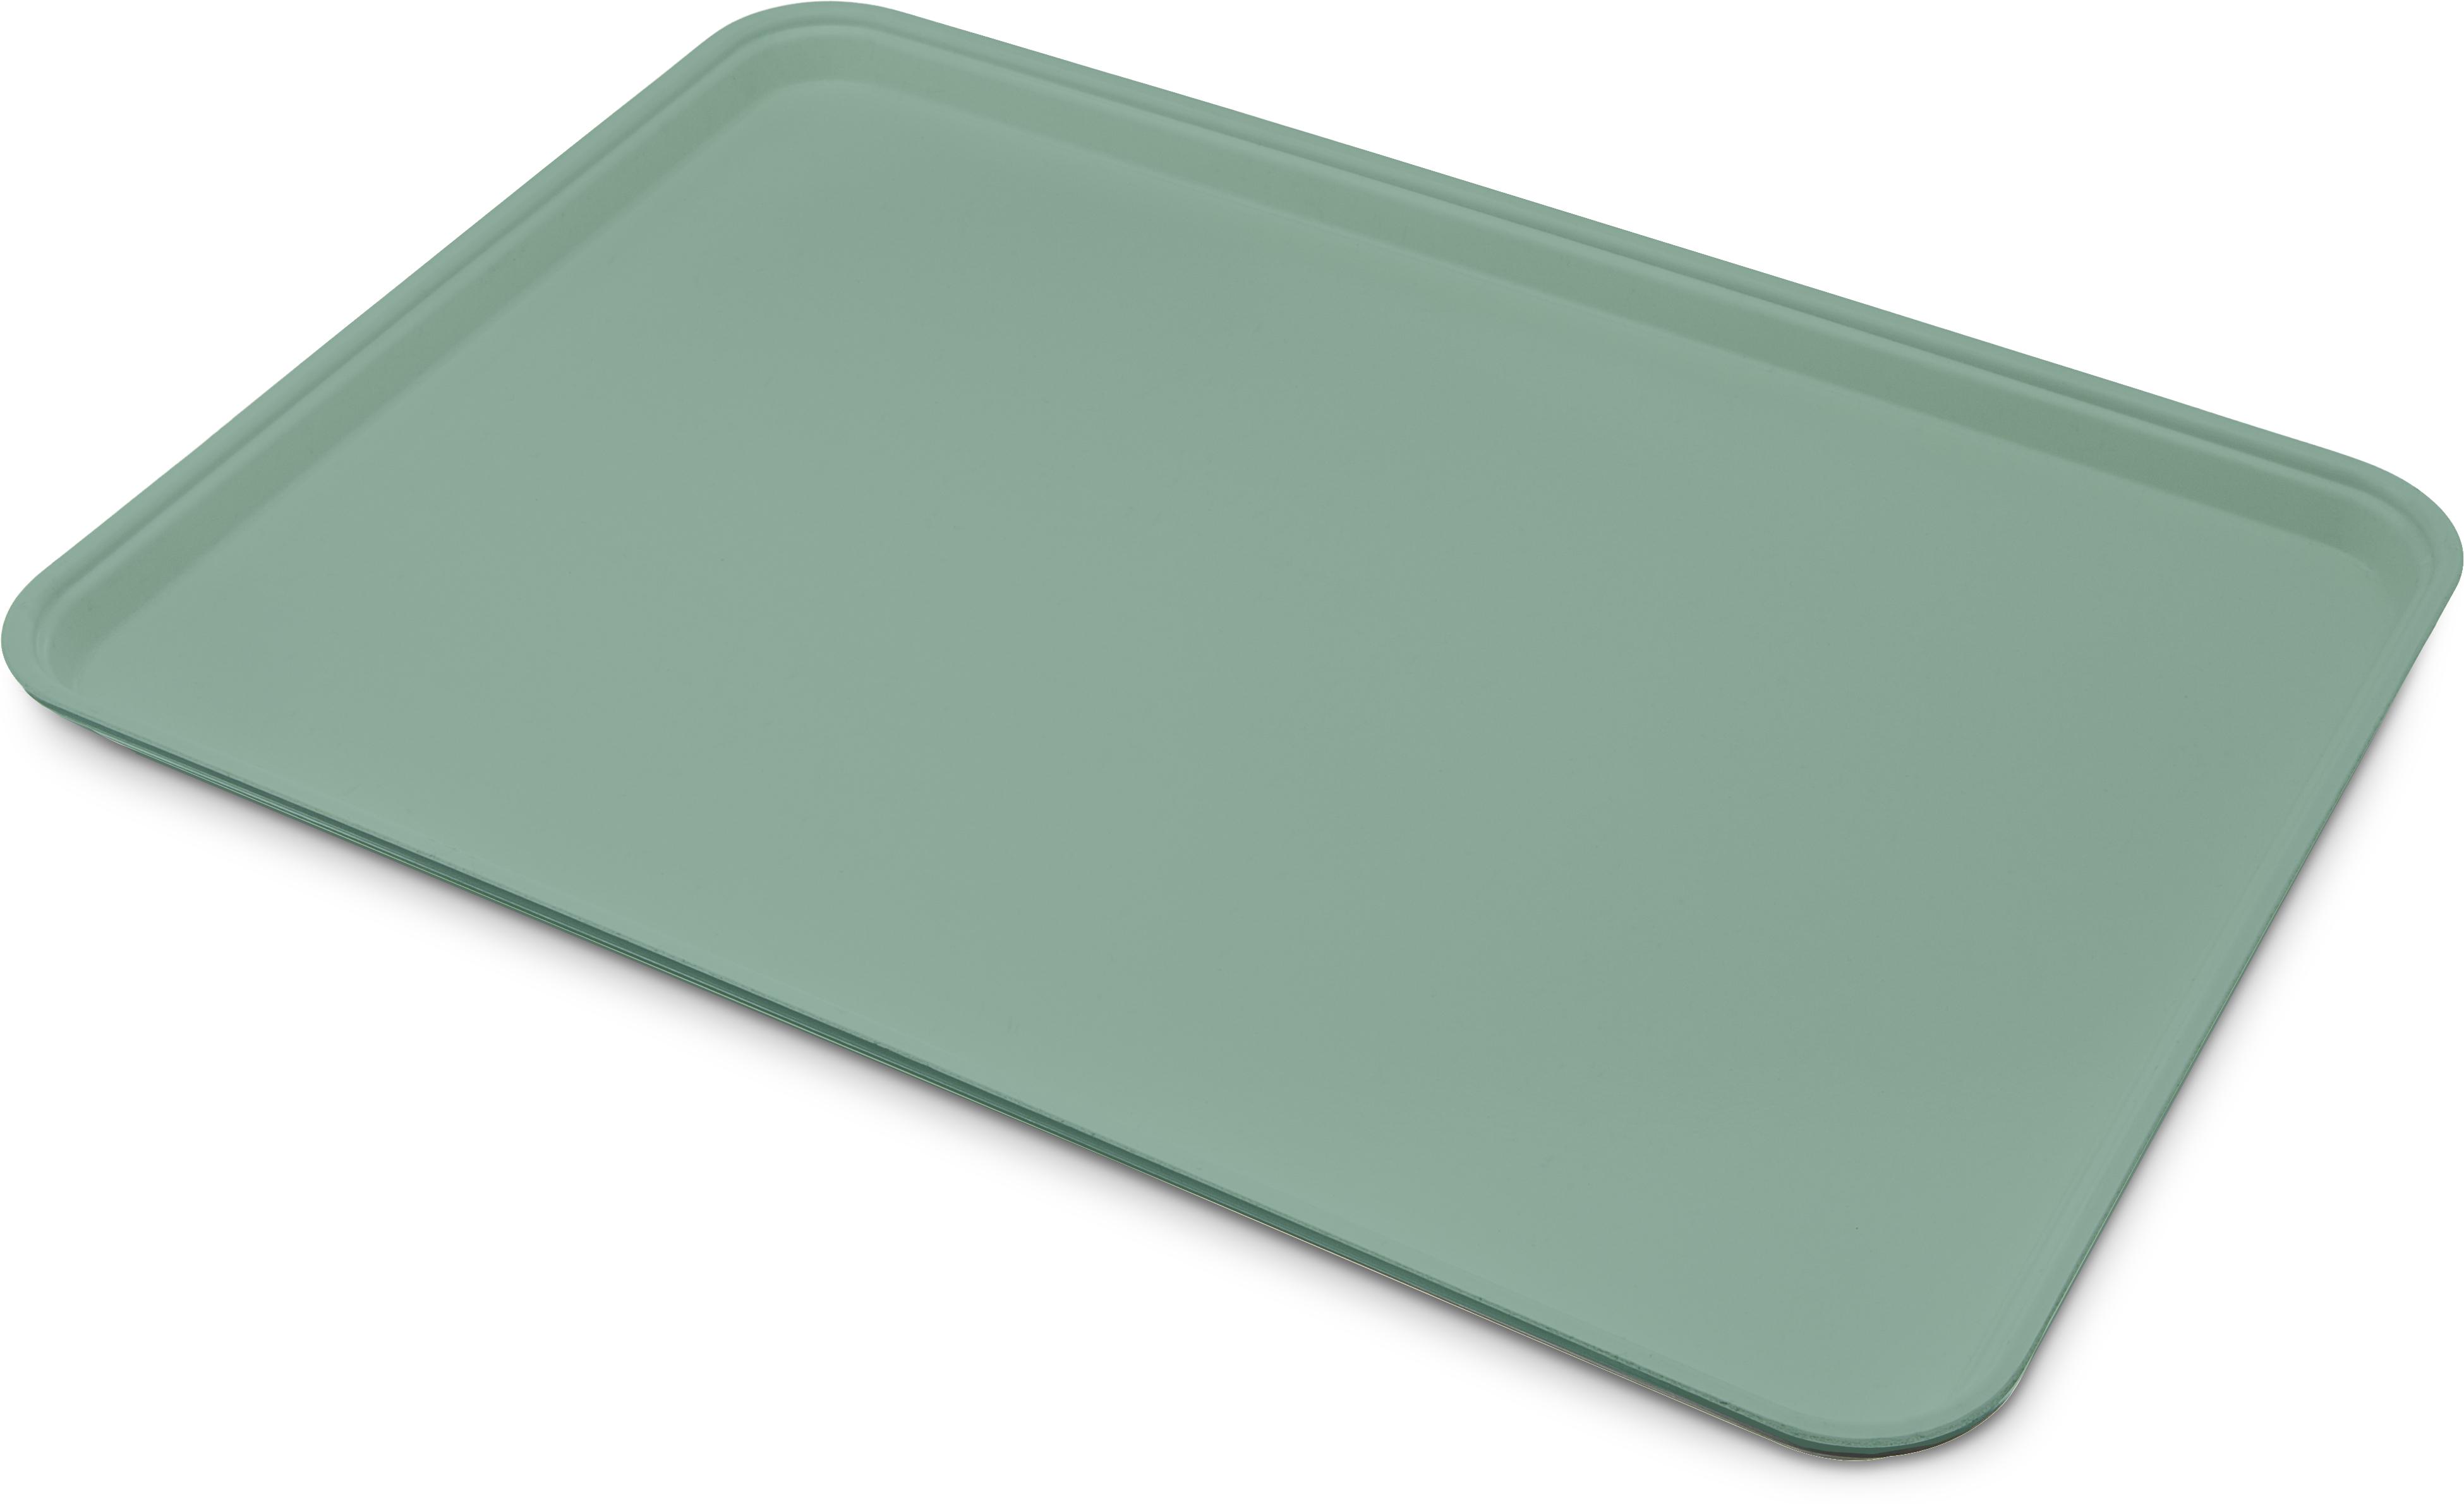 Glasteel Tray Display/Bakery 17.9 x 25.6 - Jade